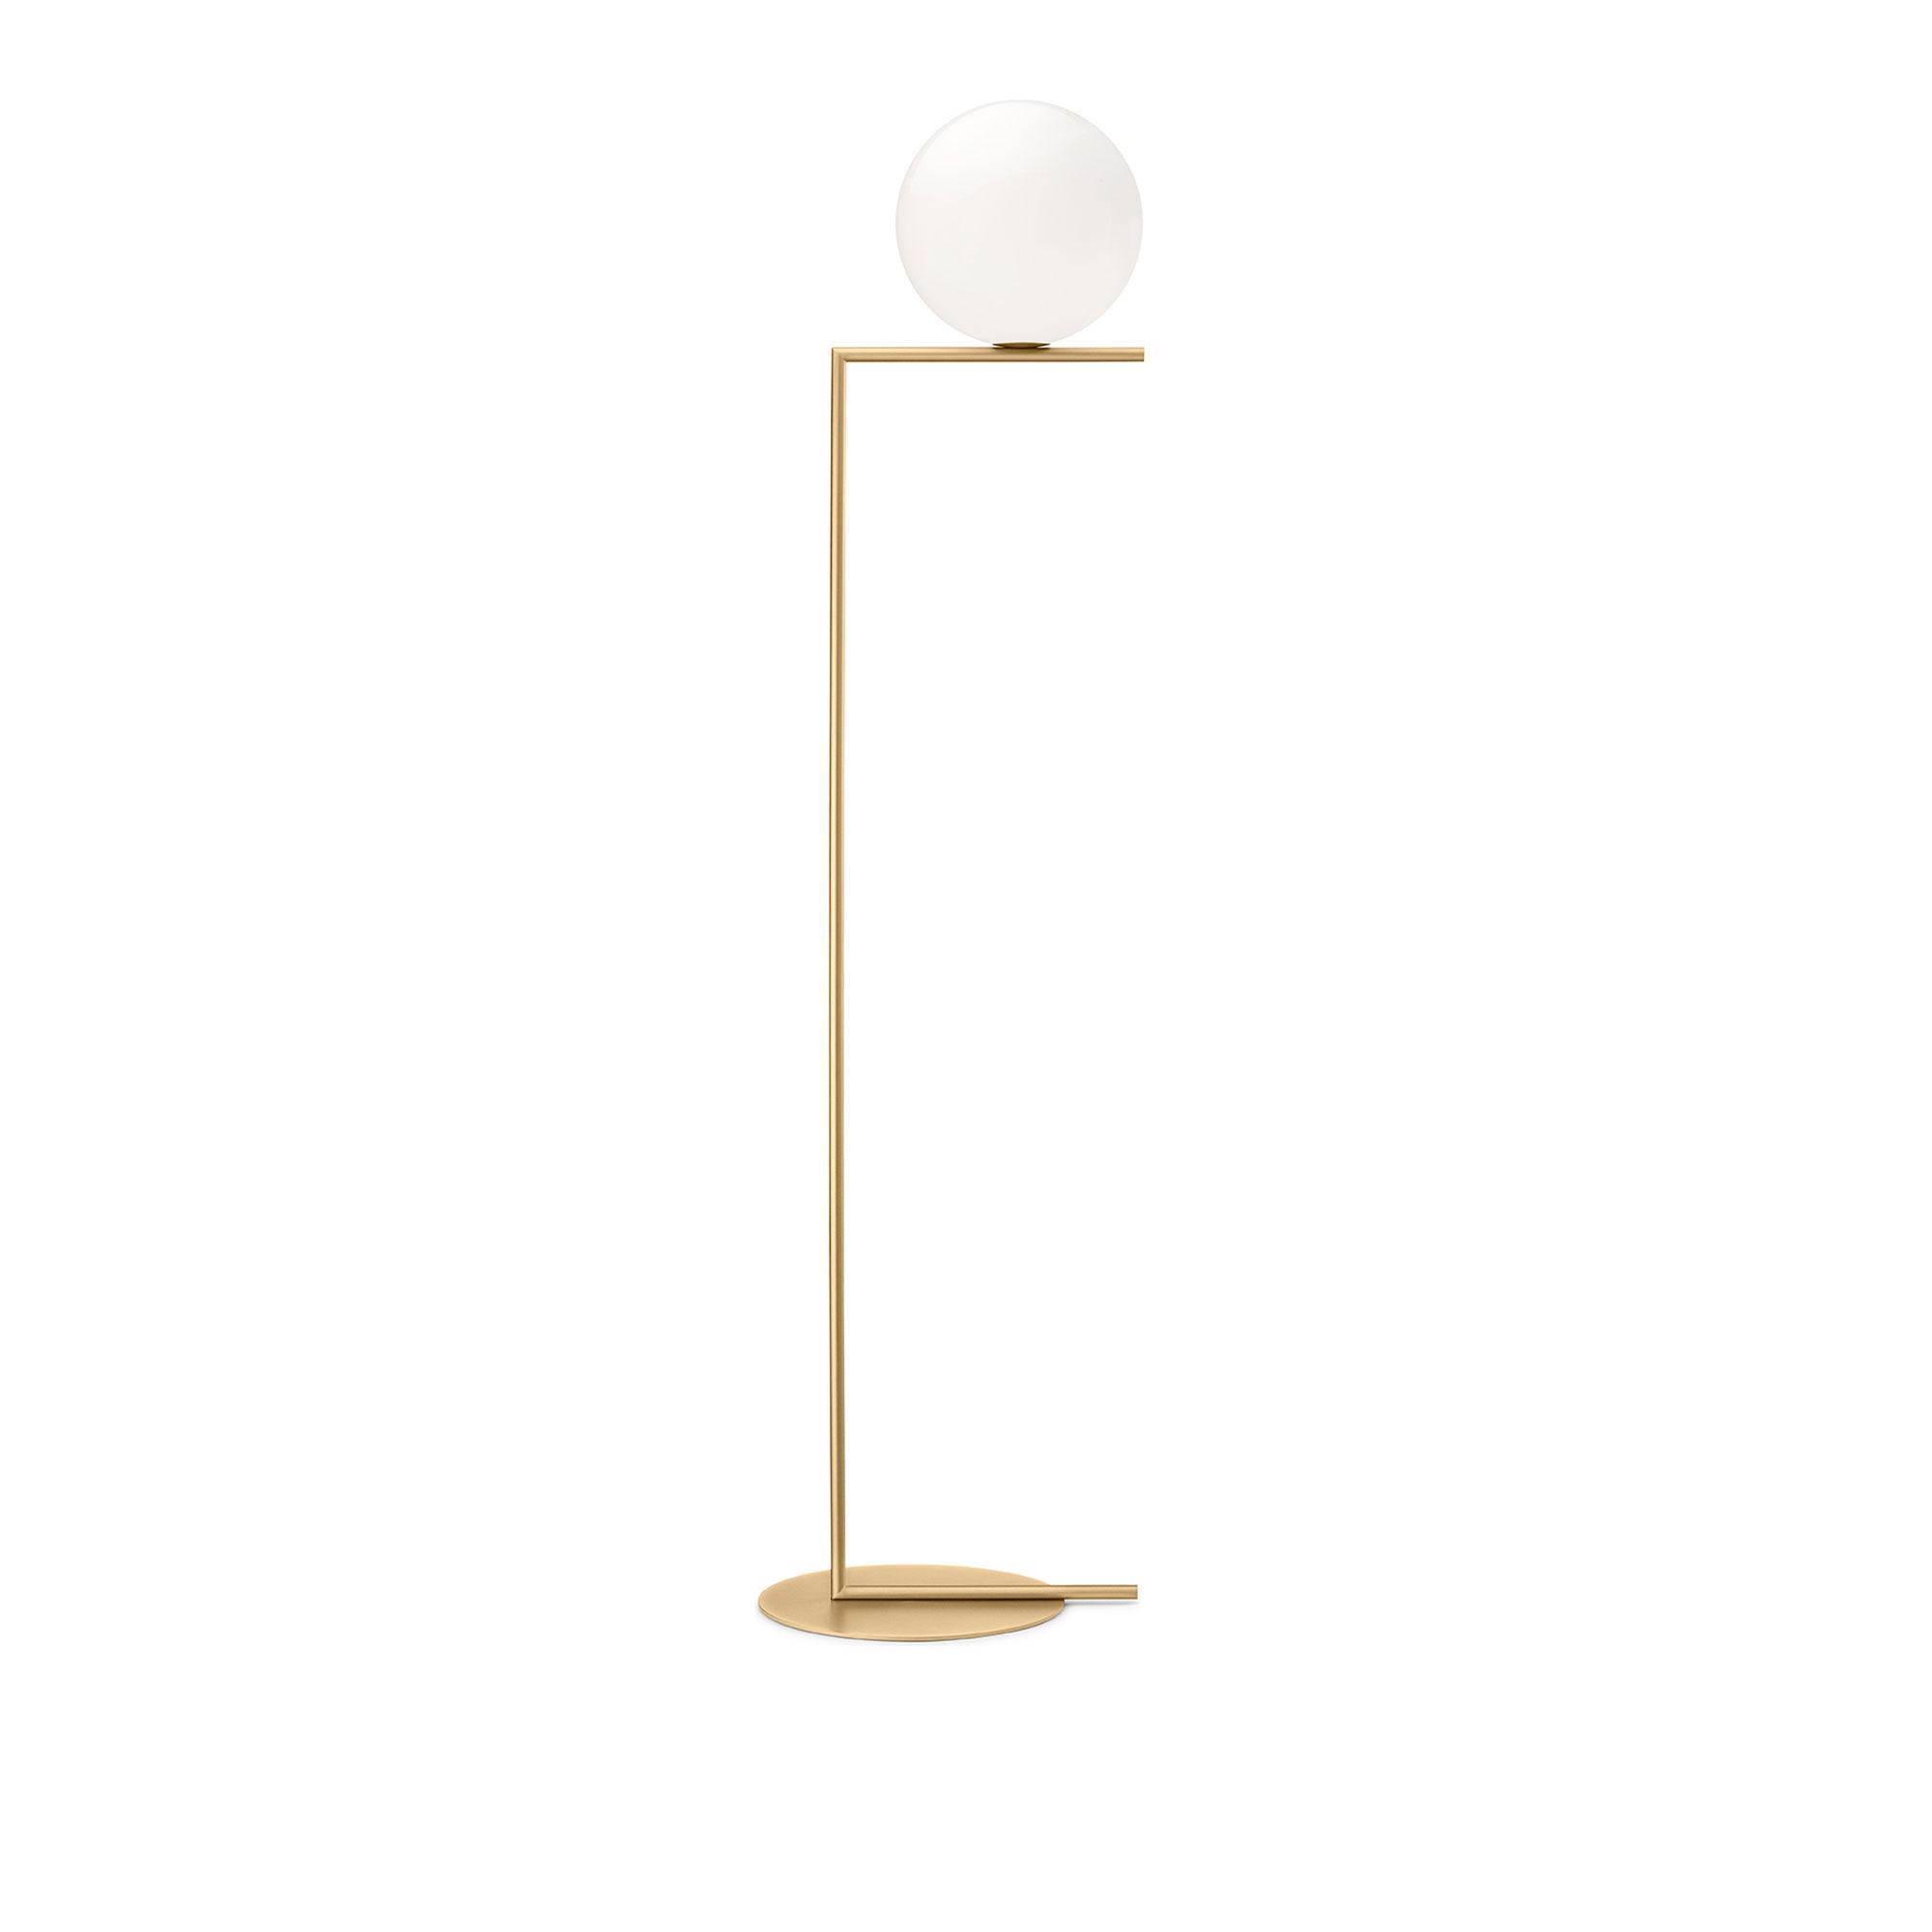 Köp IC Lights F från Flos Nordiska Galleriet